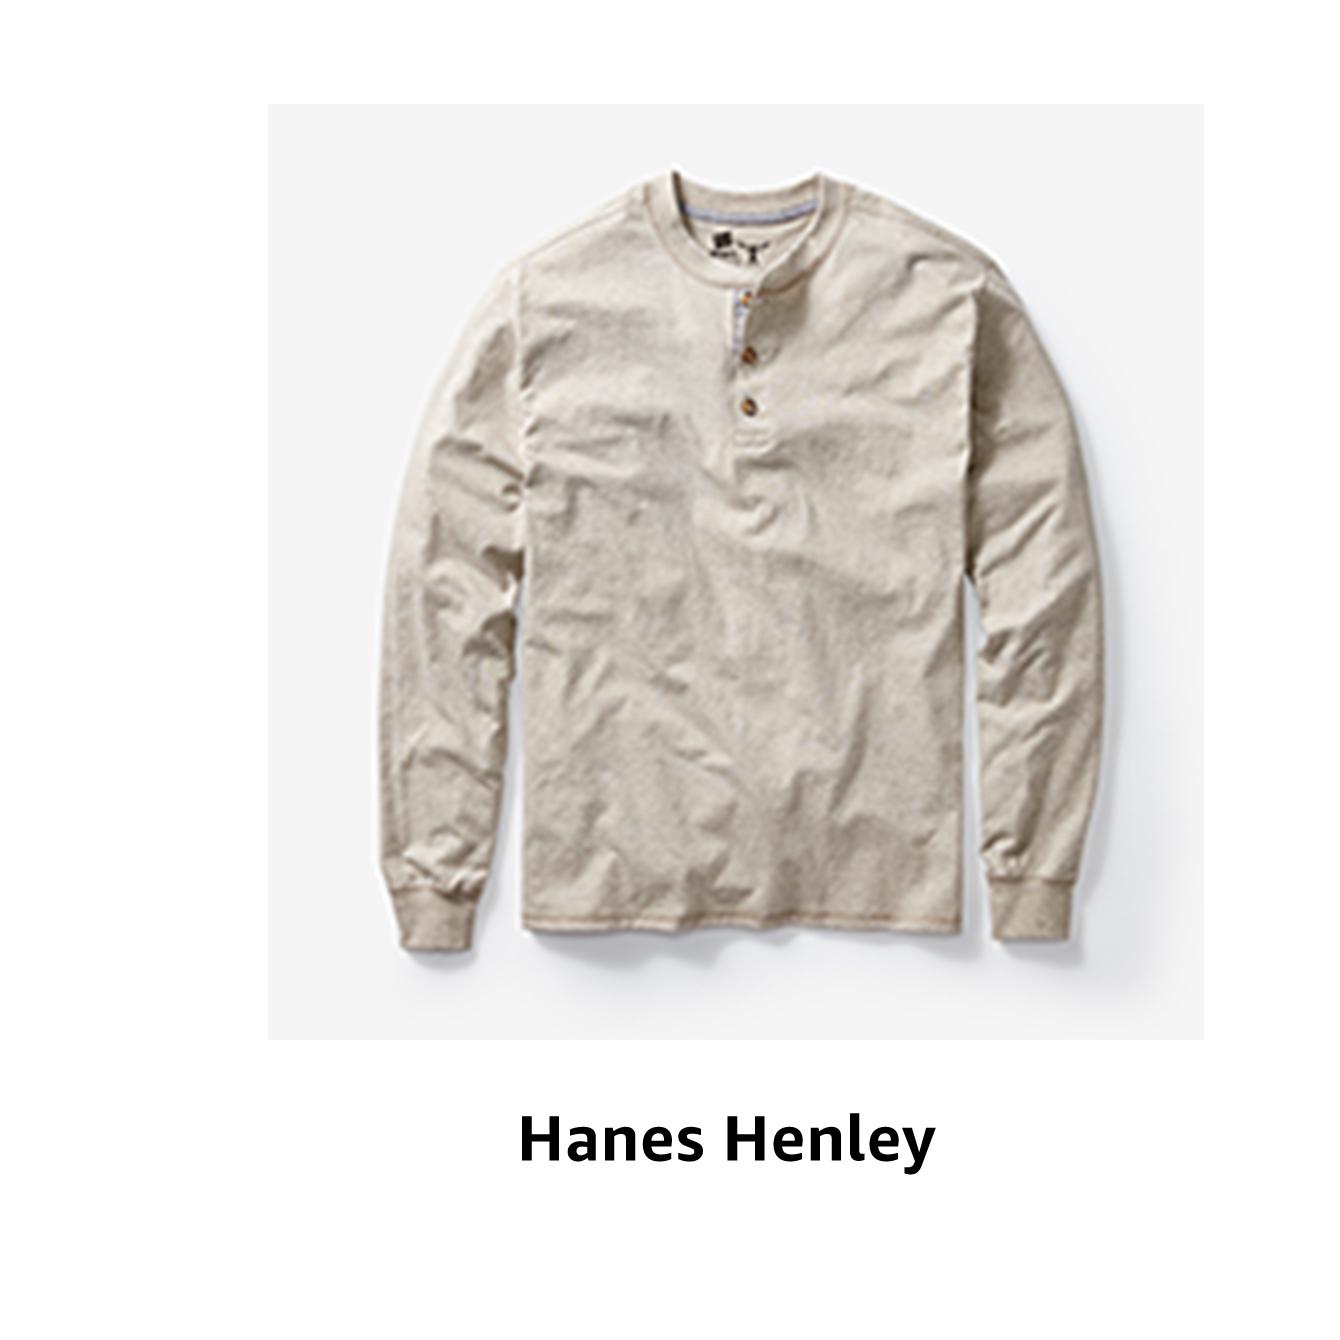 Hanes Henley